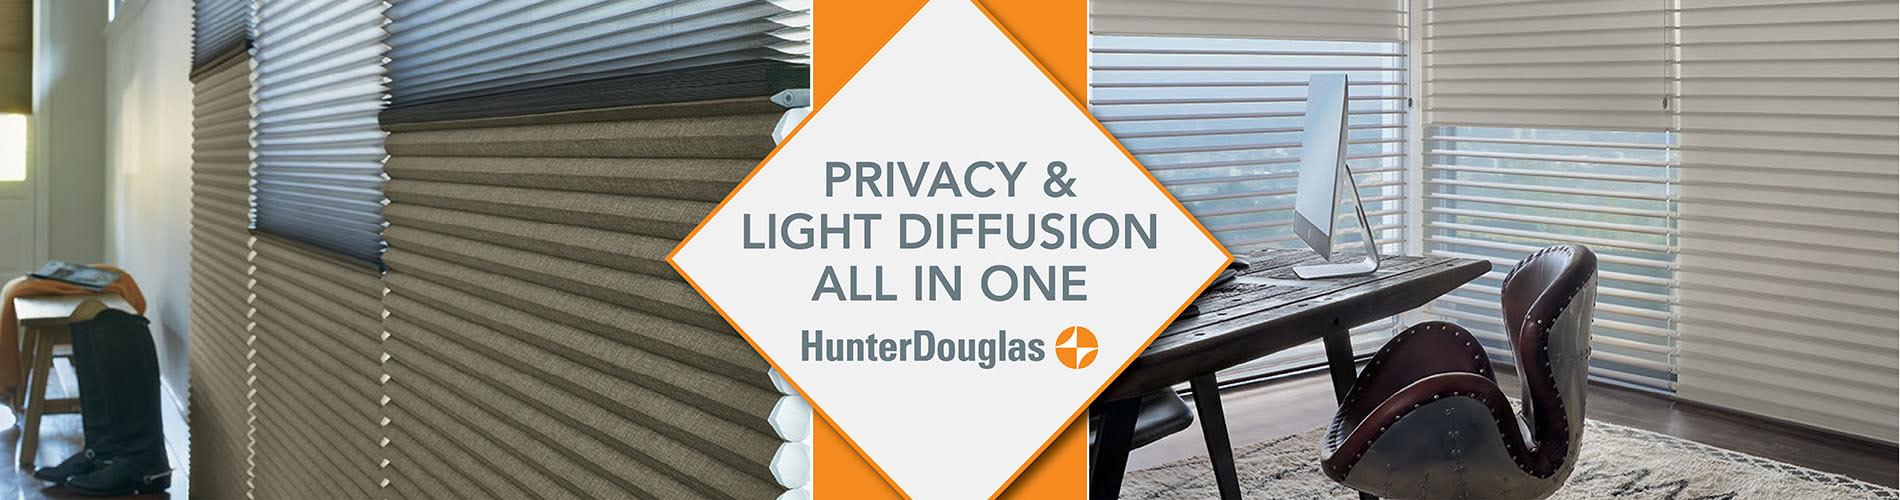 Hunter Douglas Privacy & Light Diffusion All in One!